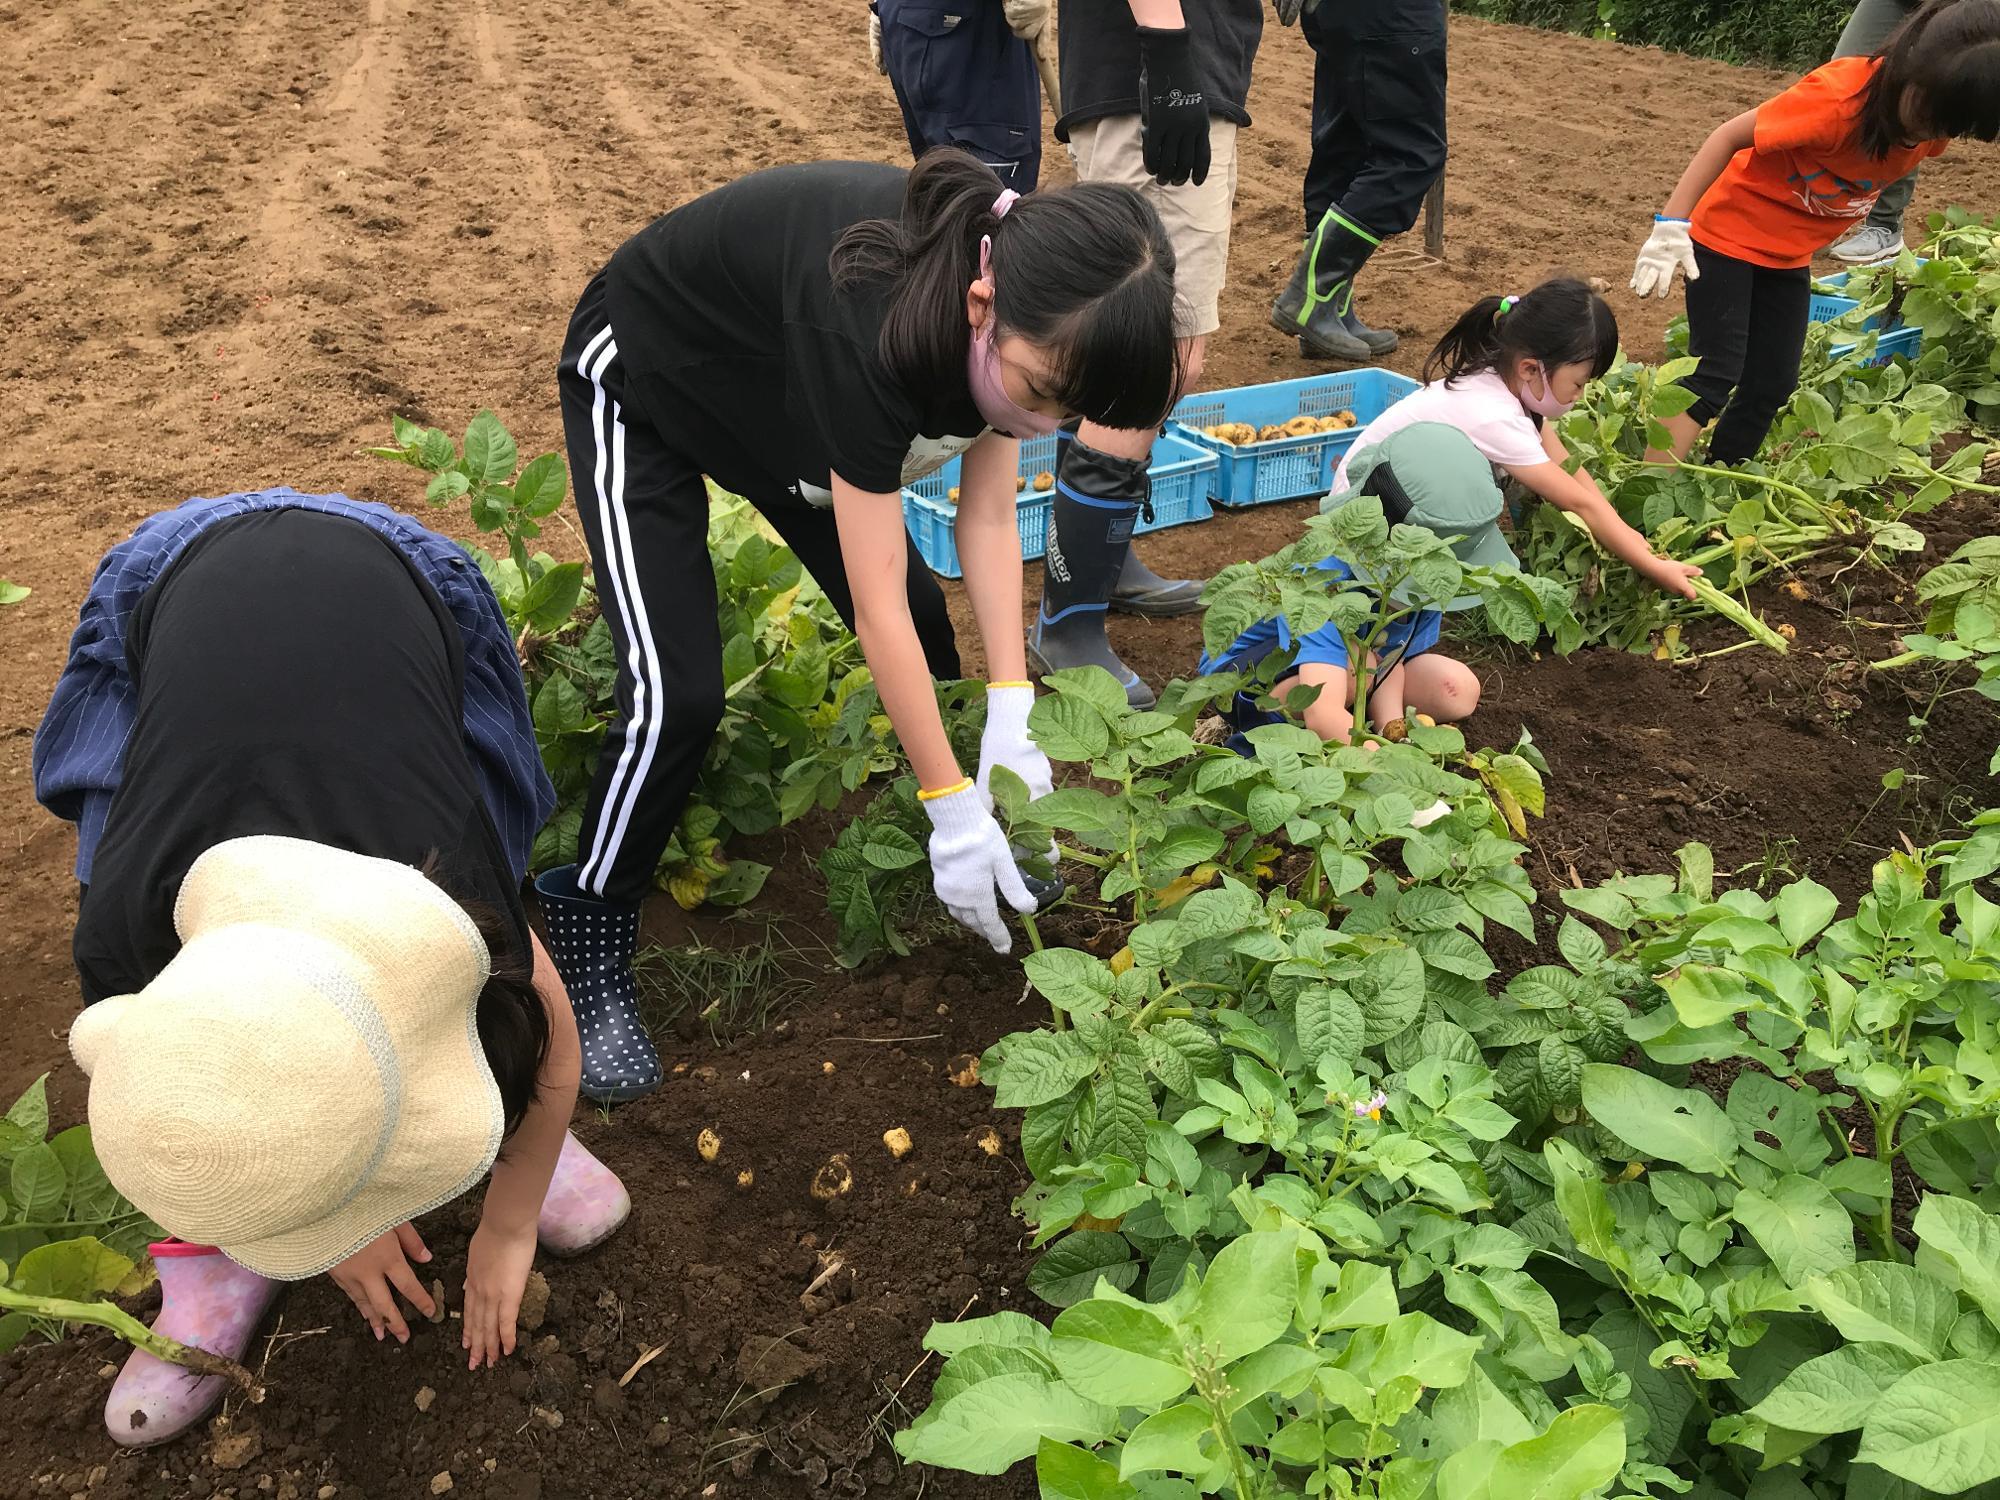 引き抜いたあとも土の中にはジャガイモがゴロゴロ。まるで宝探しのように土を掘ってジャガイモを探す子どもたち。